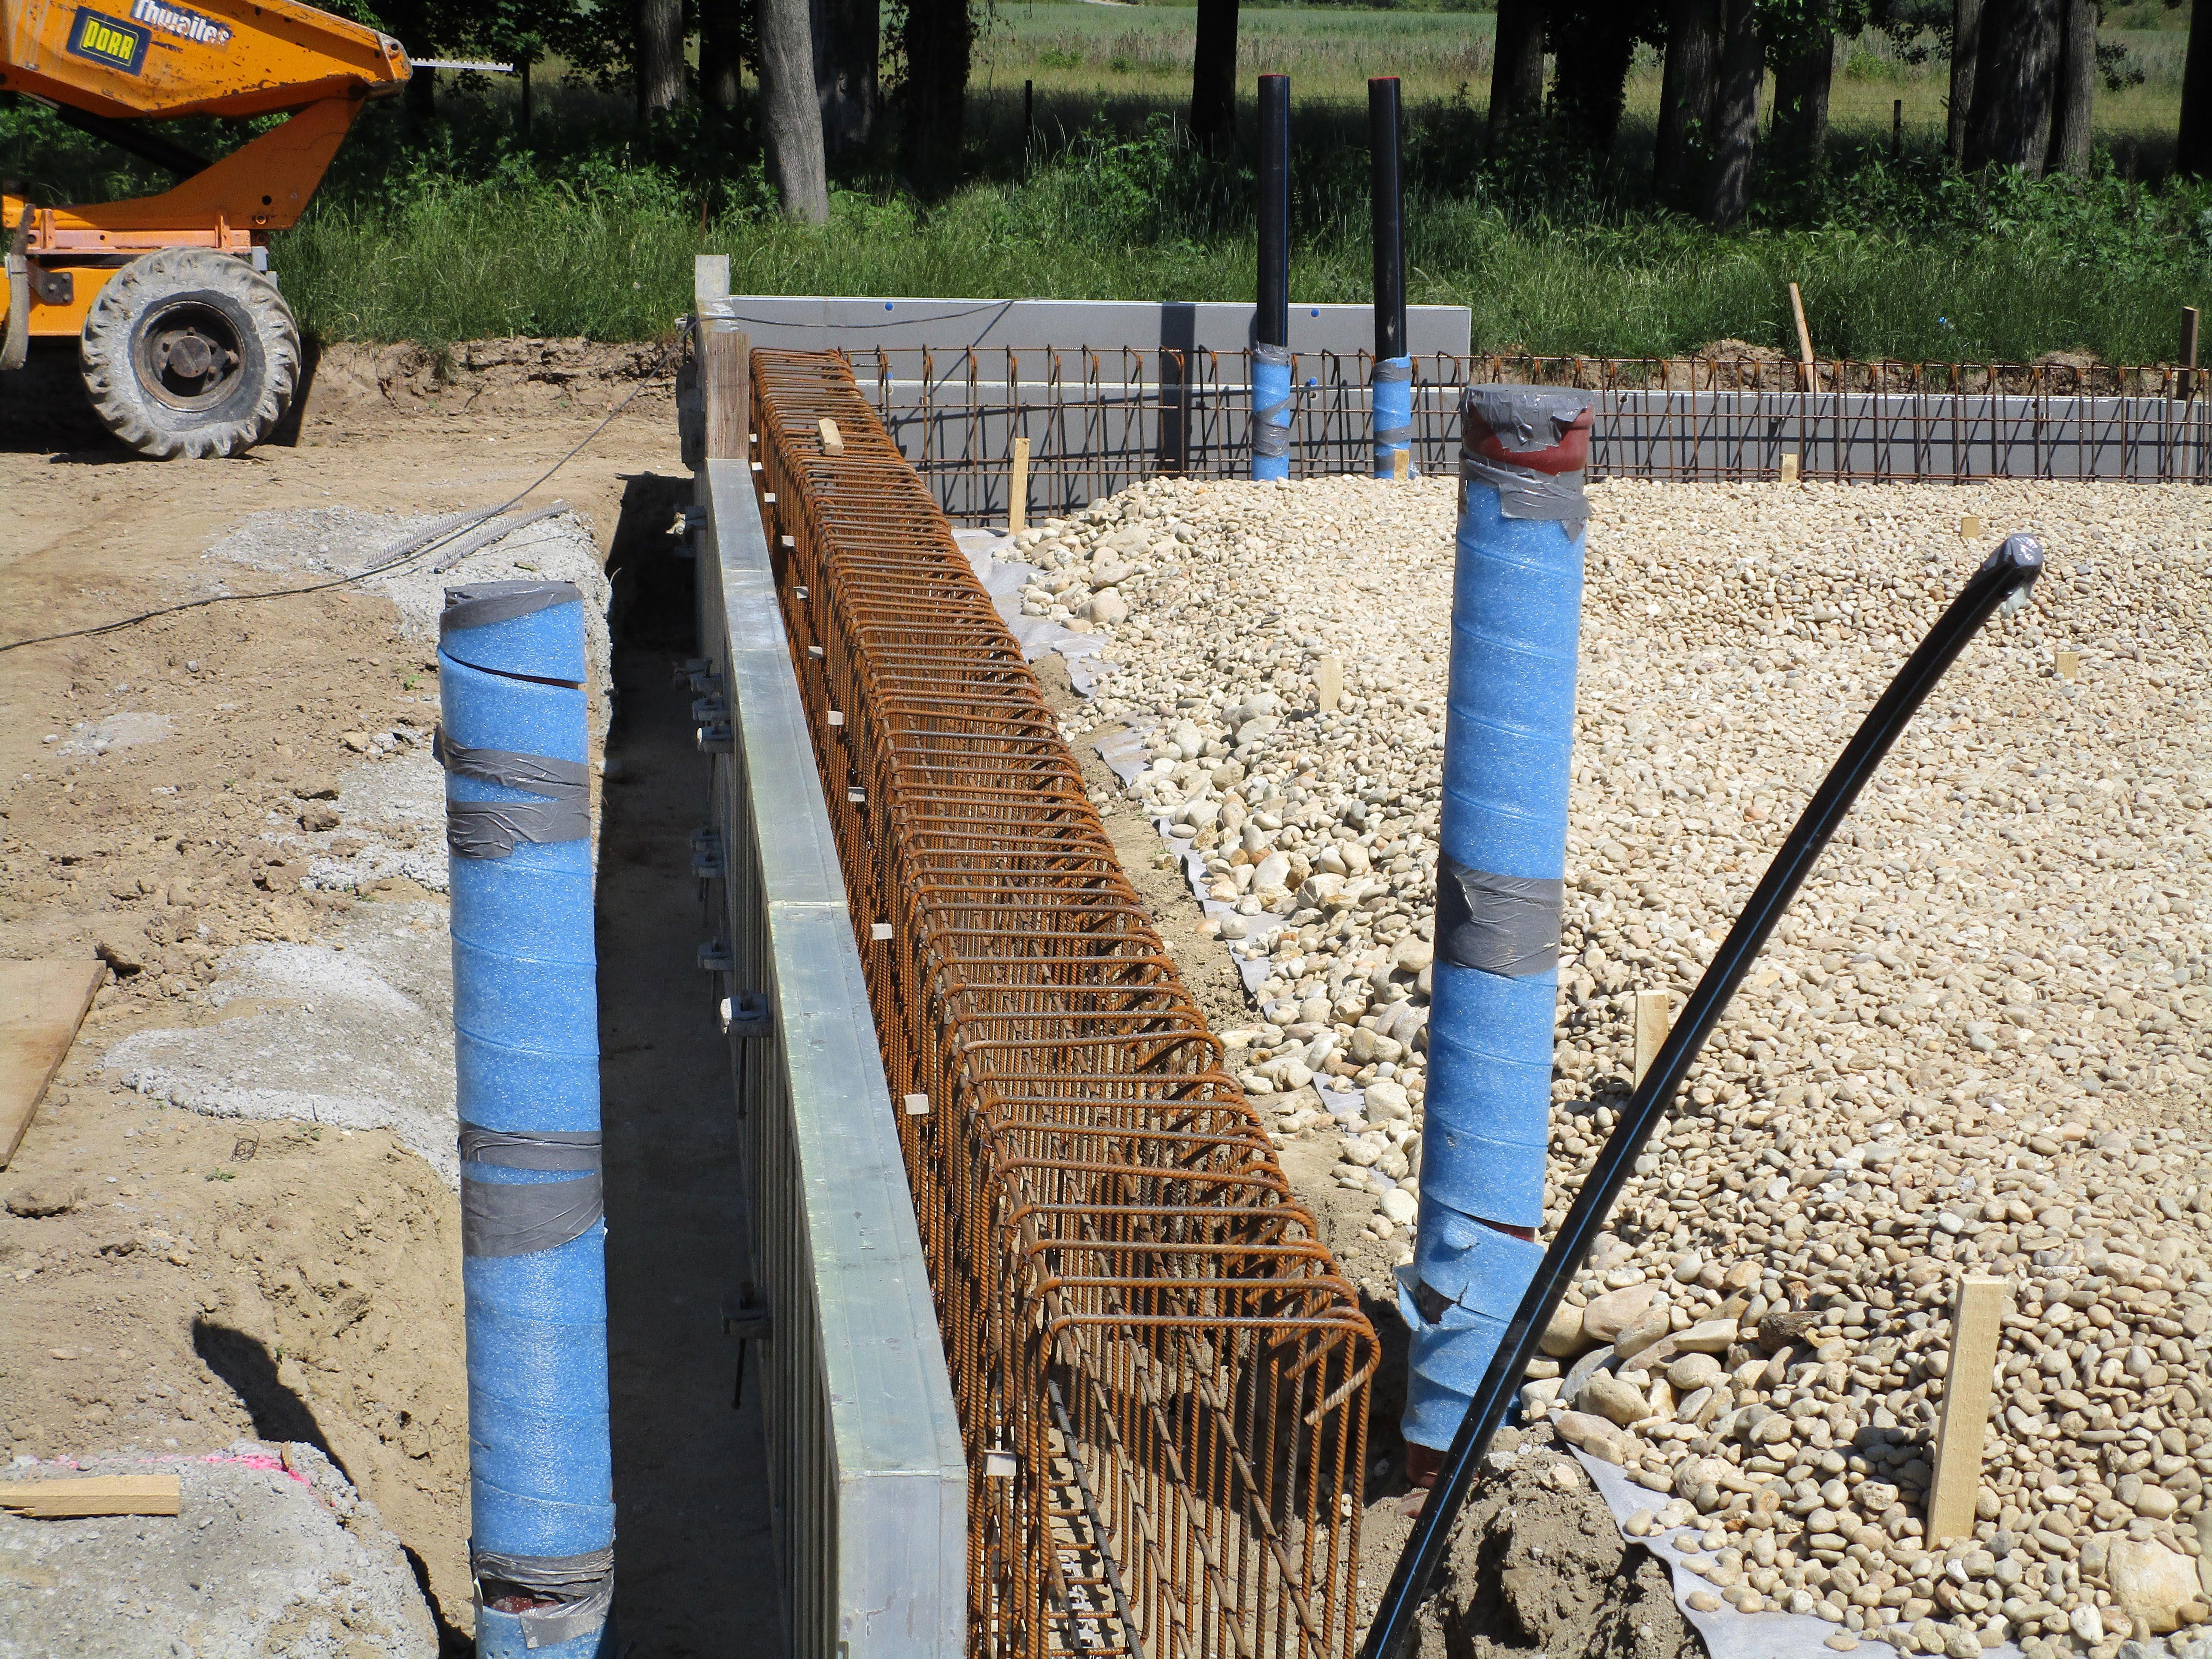 Wasserversorgung_Wolkersdorf_Pillichsdorf_Baustelle_Rohre_Stangen_Steine.jpg